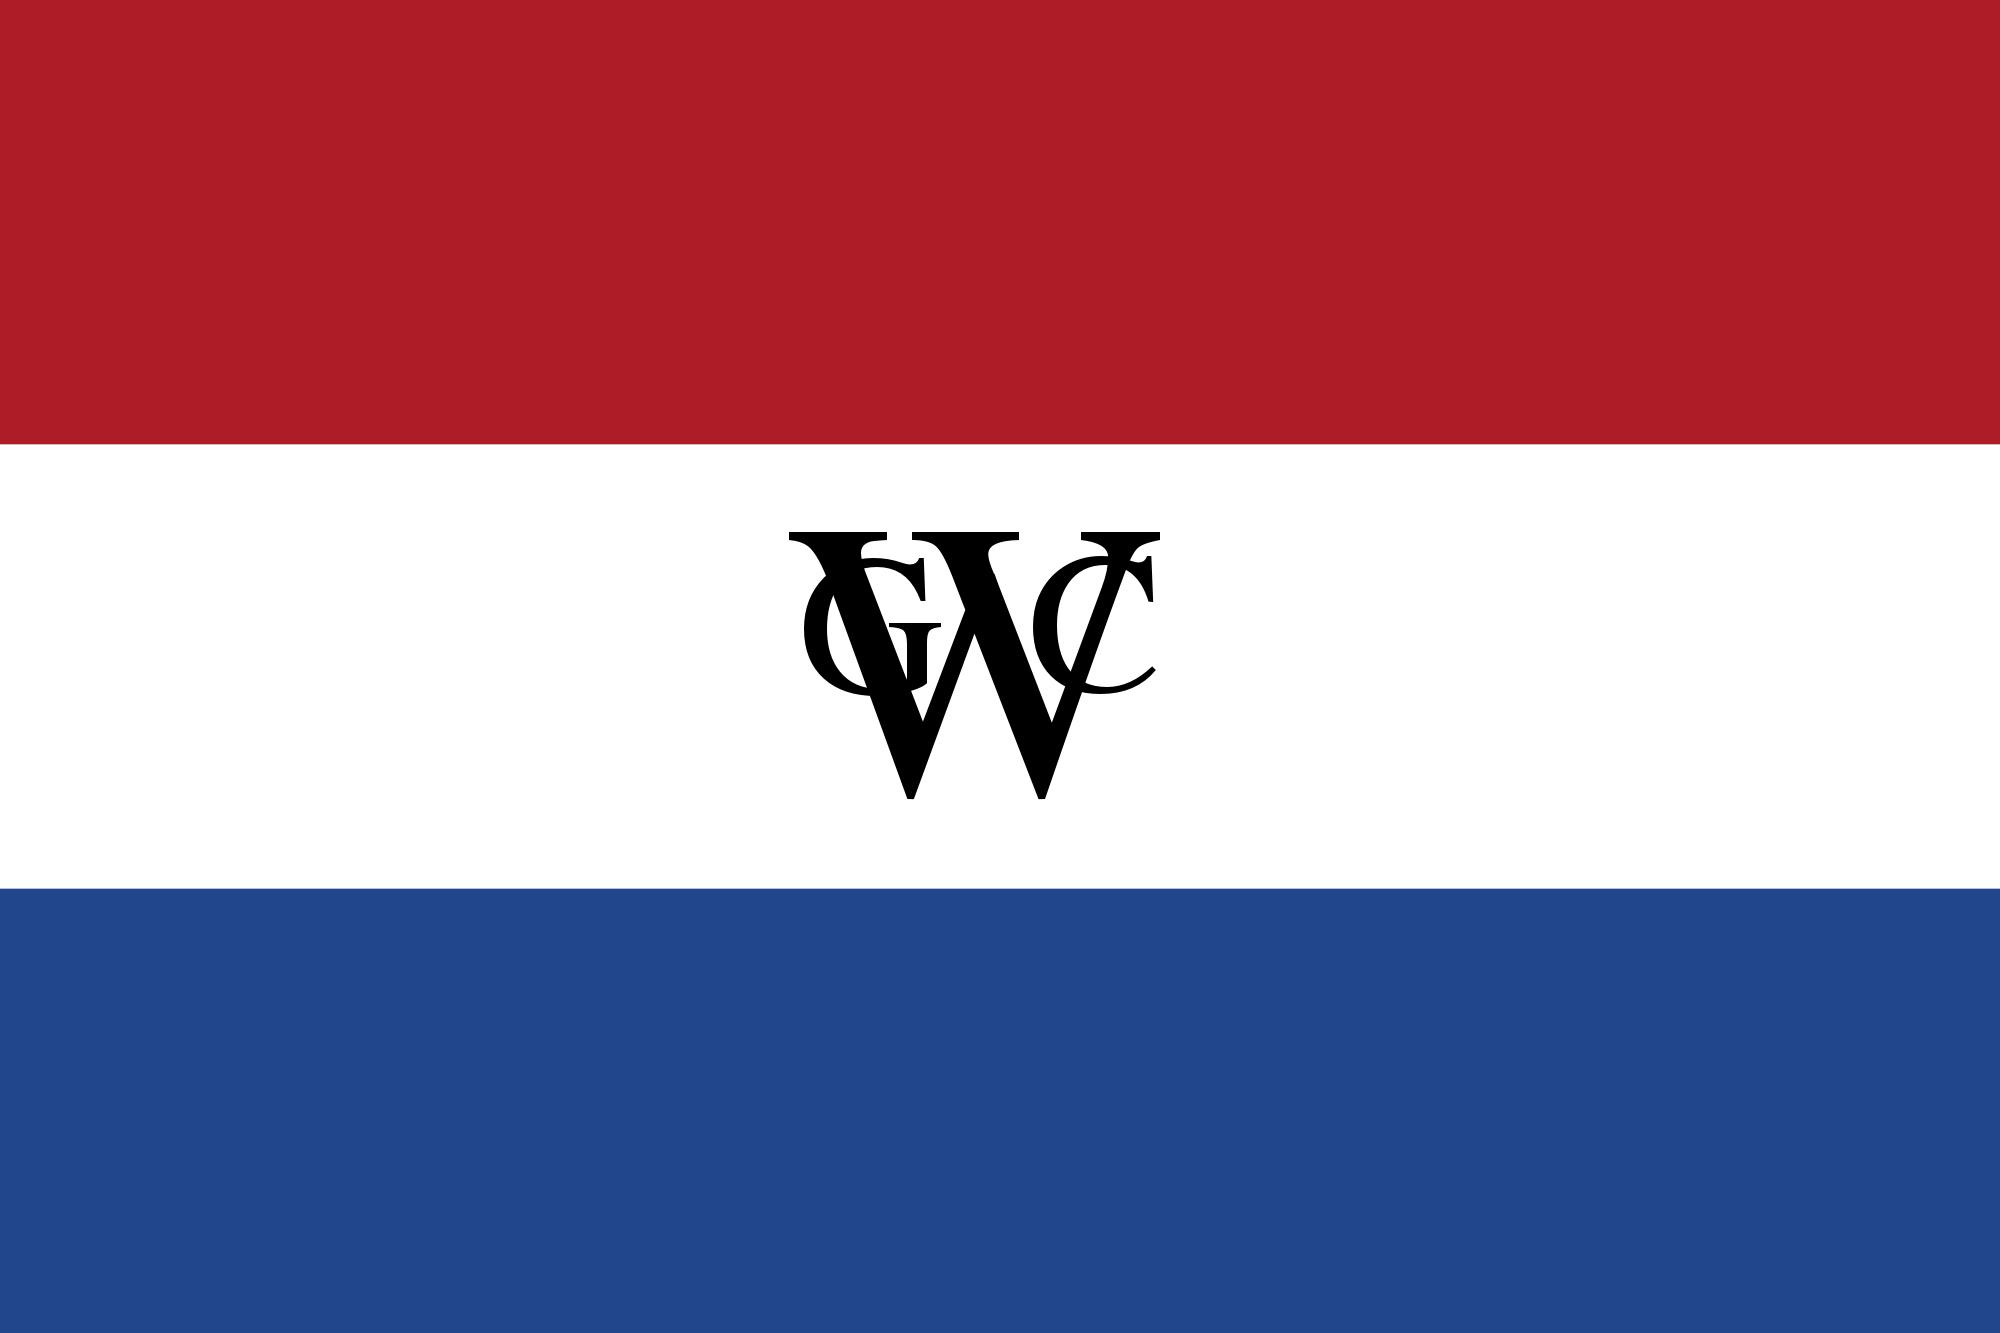 Soumettez vos drapeaux PIRATES personnalisés Flag_of_the_Dutch_West_India_Company